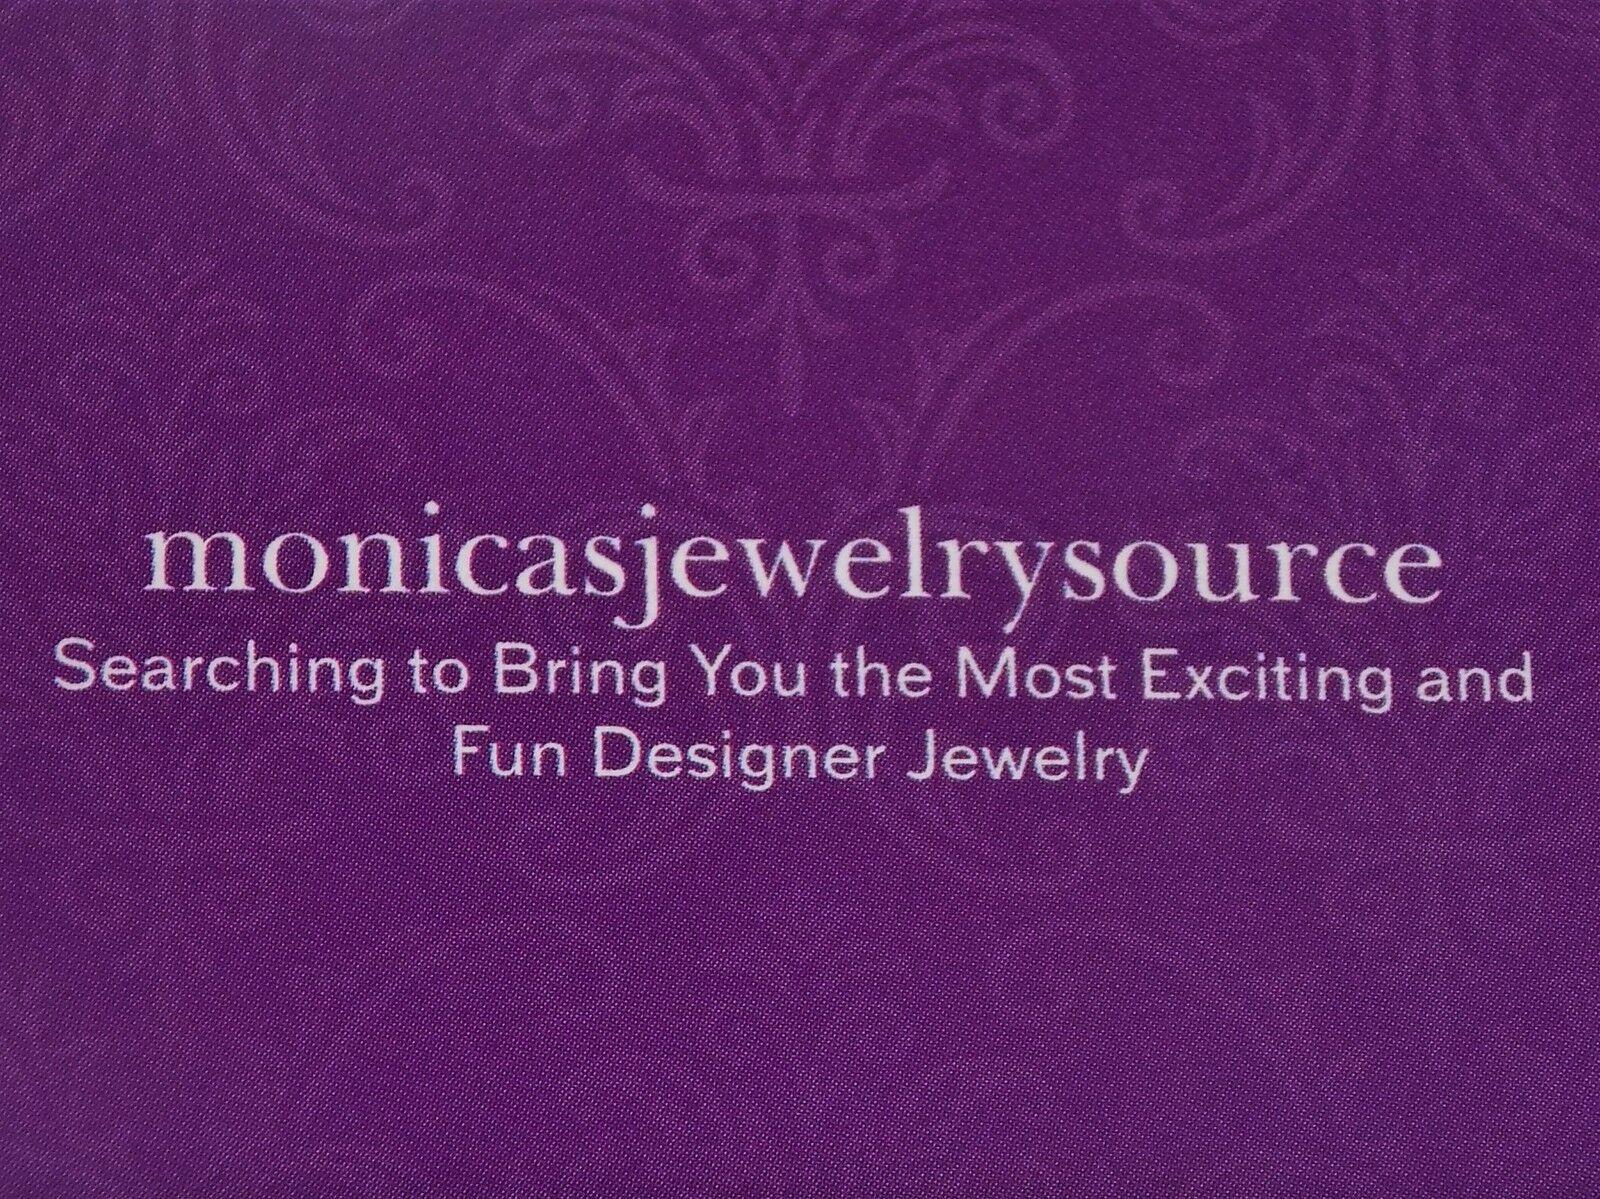 monicasjewelrysource